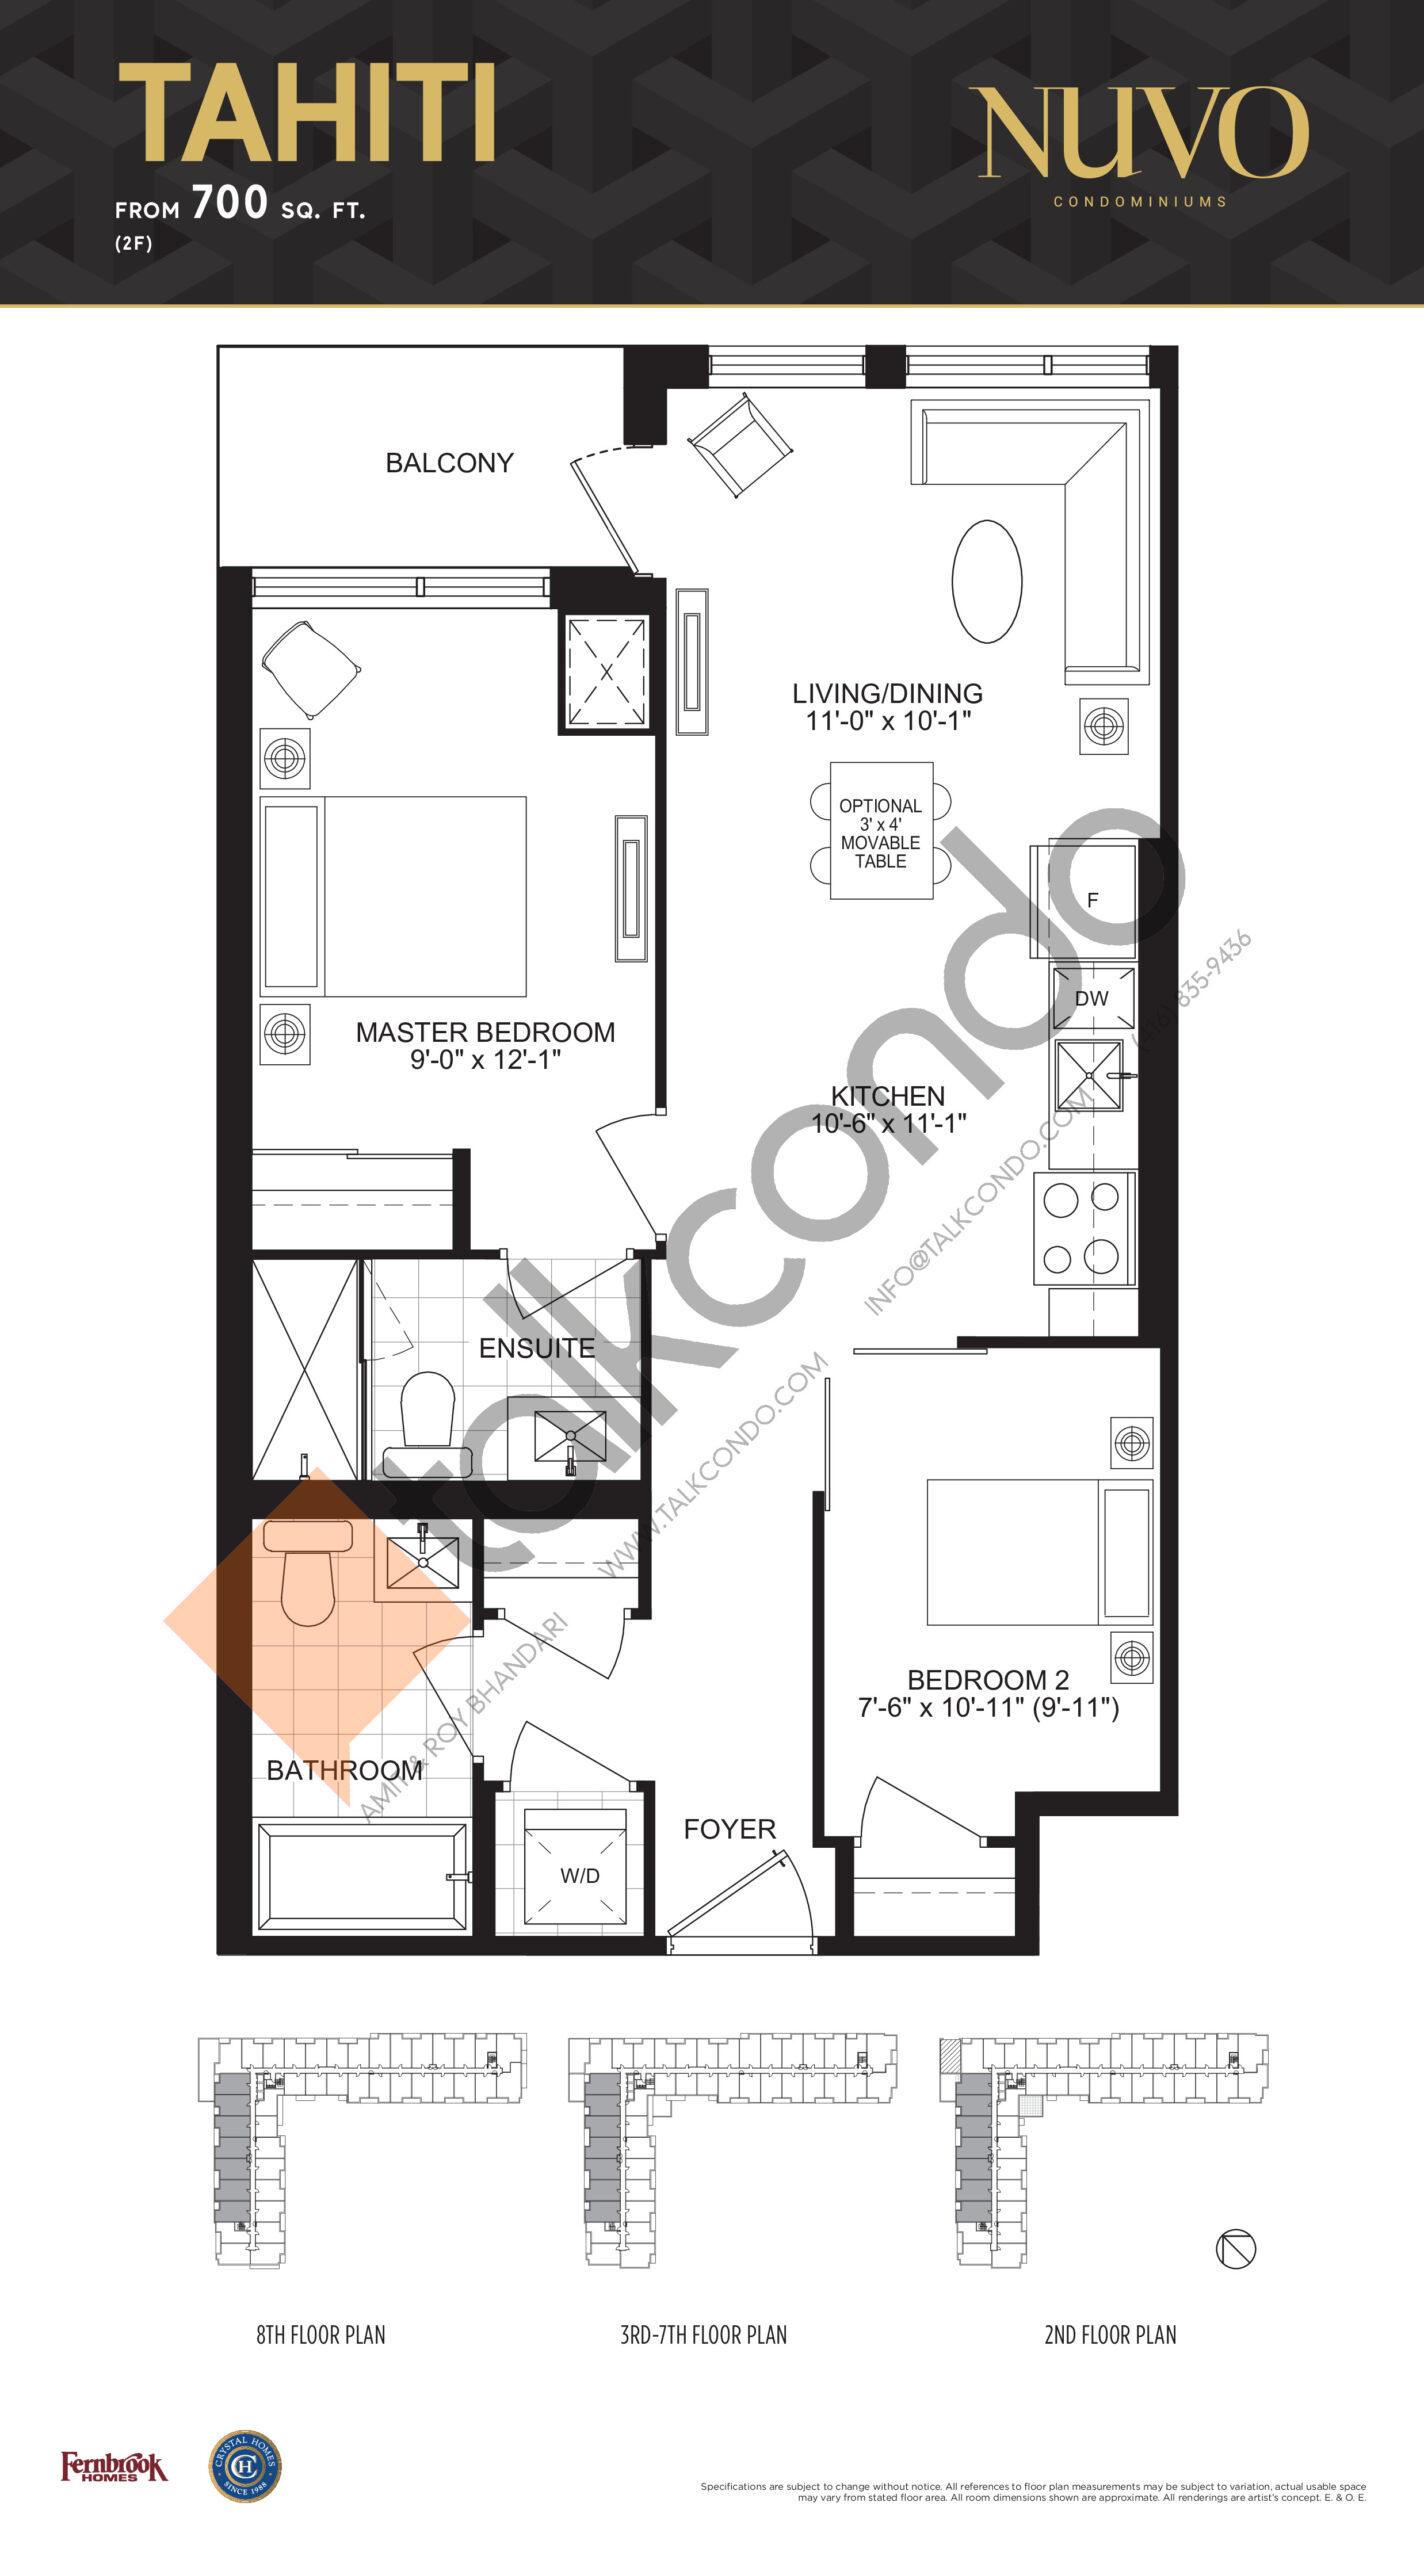 Tahiti Floor Plan at Nuvo Condos - 700 sq.ft